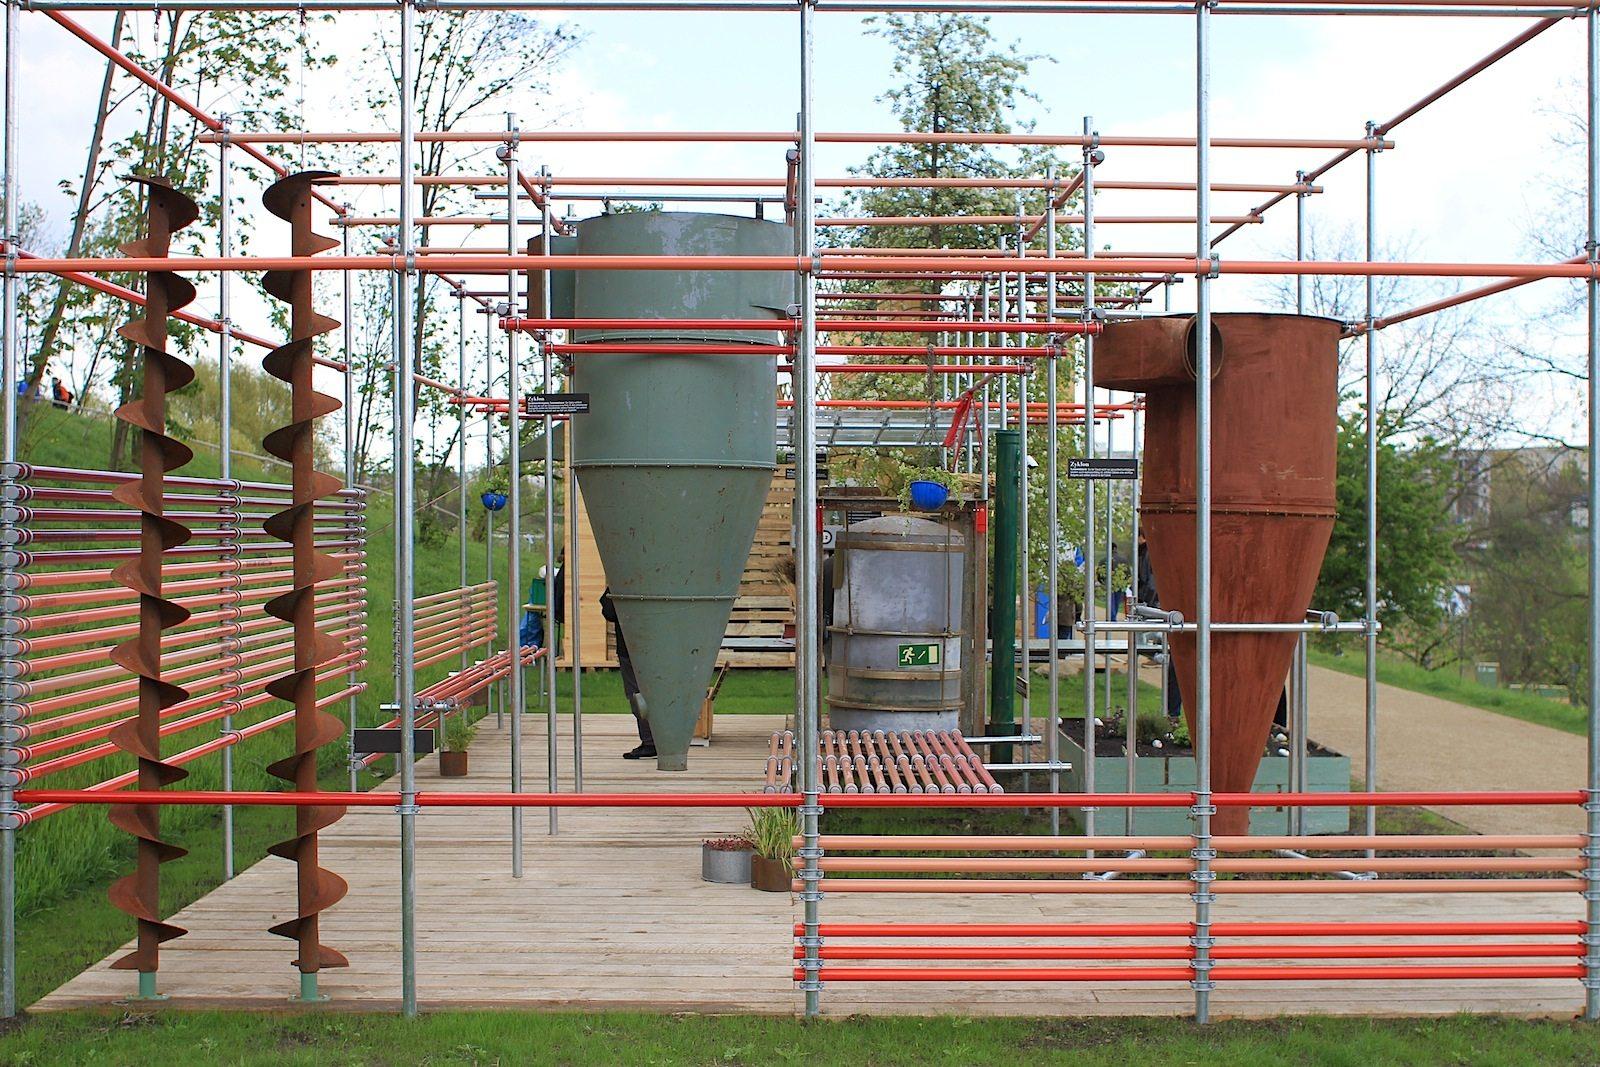 Horizonte, Malzfabrik.  ... Anlässlich des 100-jährigen Bestehens des Denkmals zeigt sich die Malzfabrik auf der IGA mit einem Schaugarten der Kreativität, Kultur und Nachhaltigkeit. Besonders gelungen: das Gerüstkonstrukt.